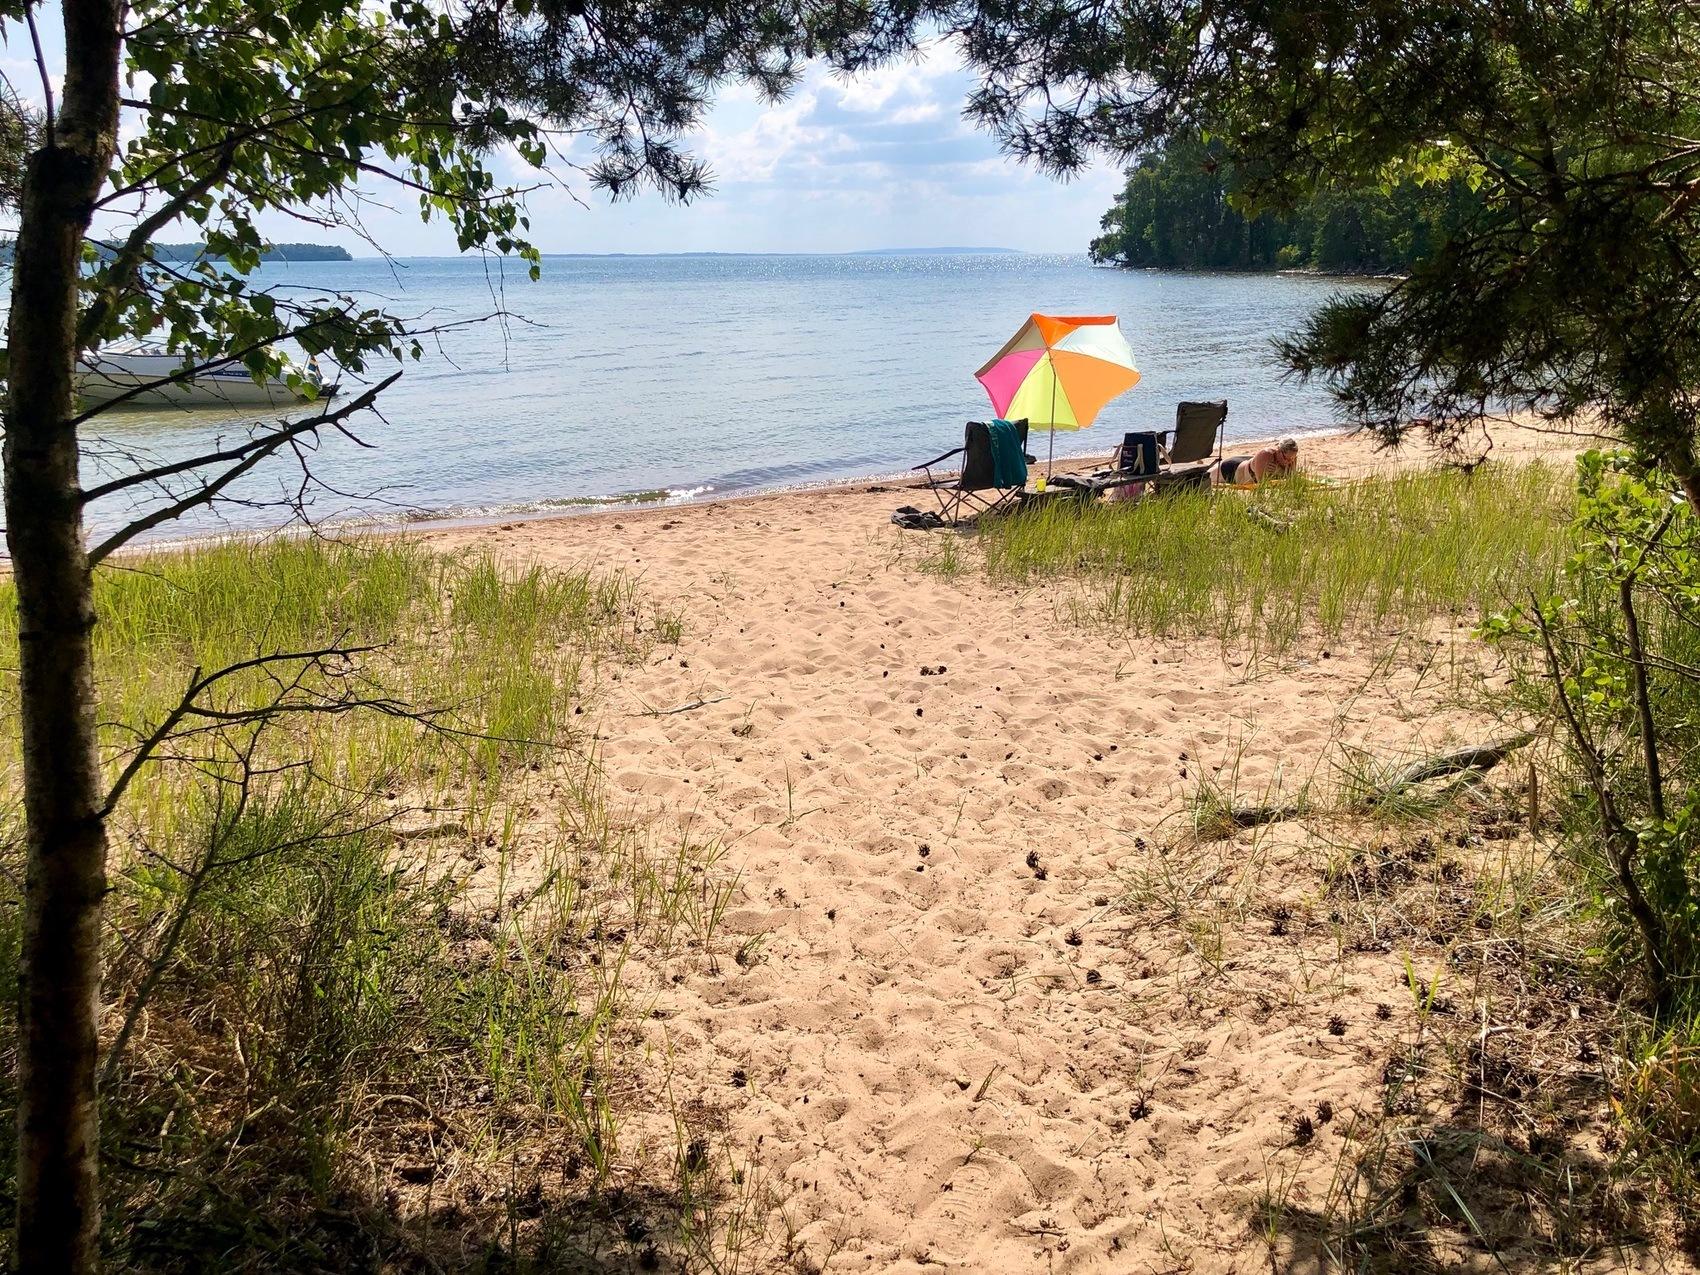 Foto från sandstrand. Vid strandkanten står två solstolar och ett färglatt parasoll.